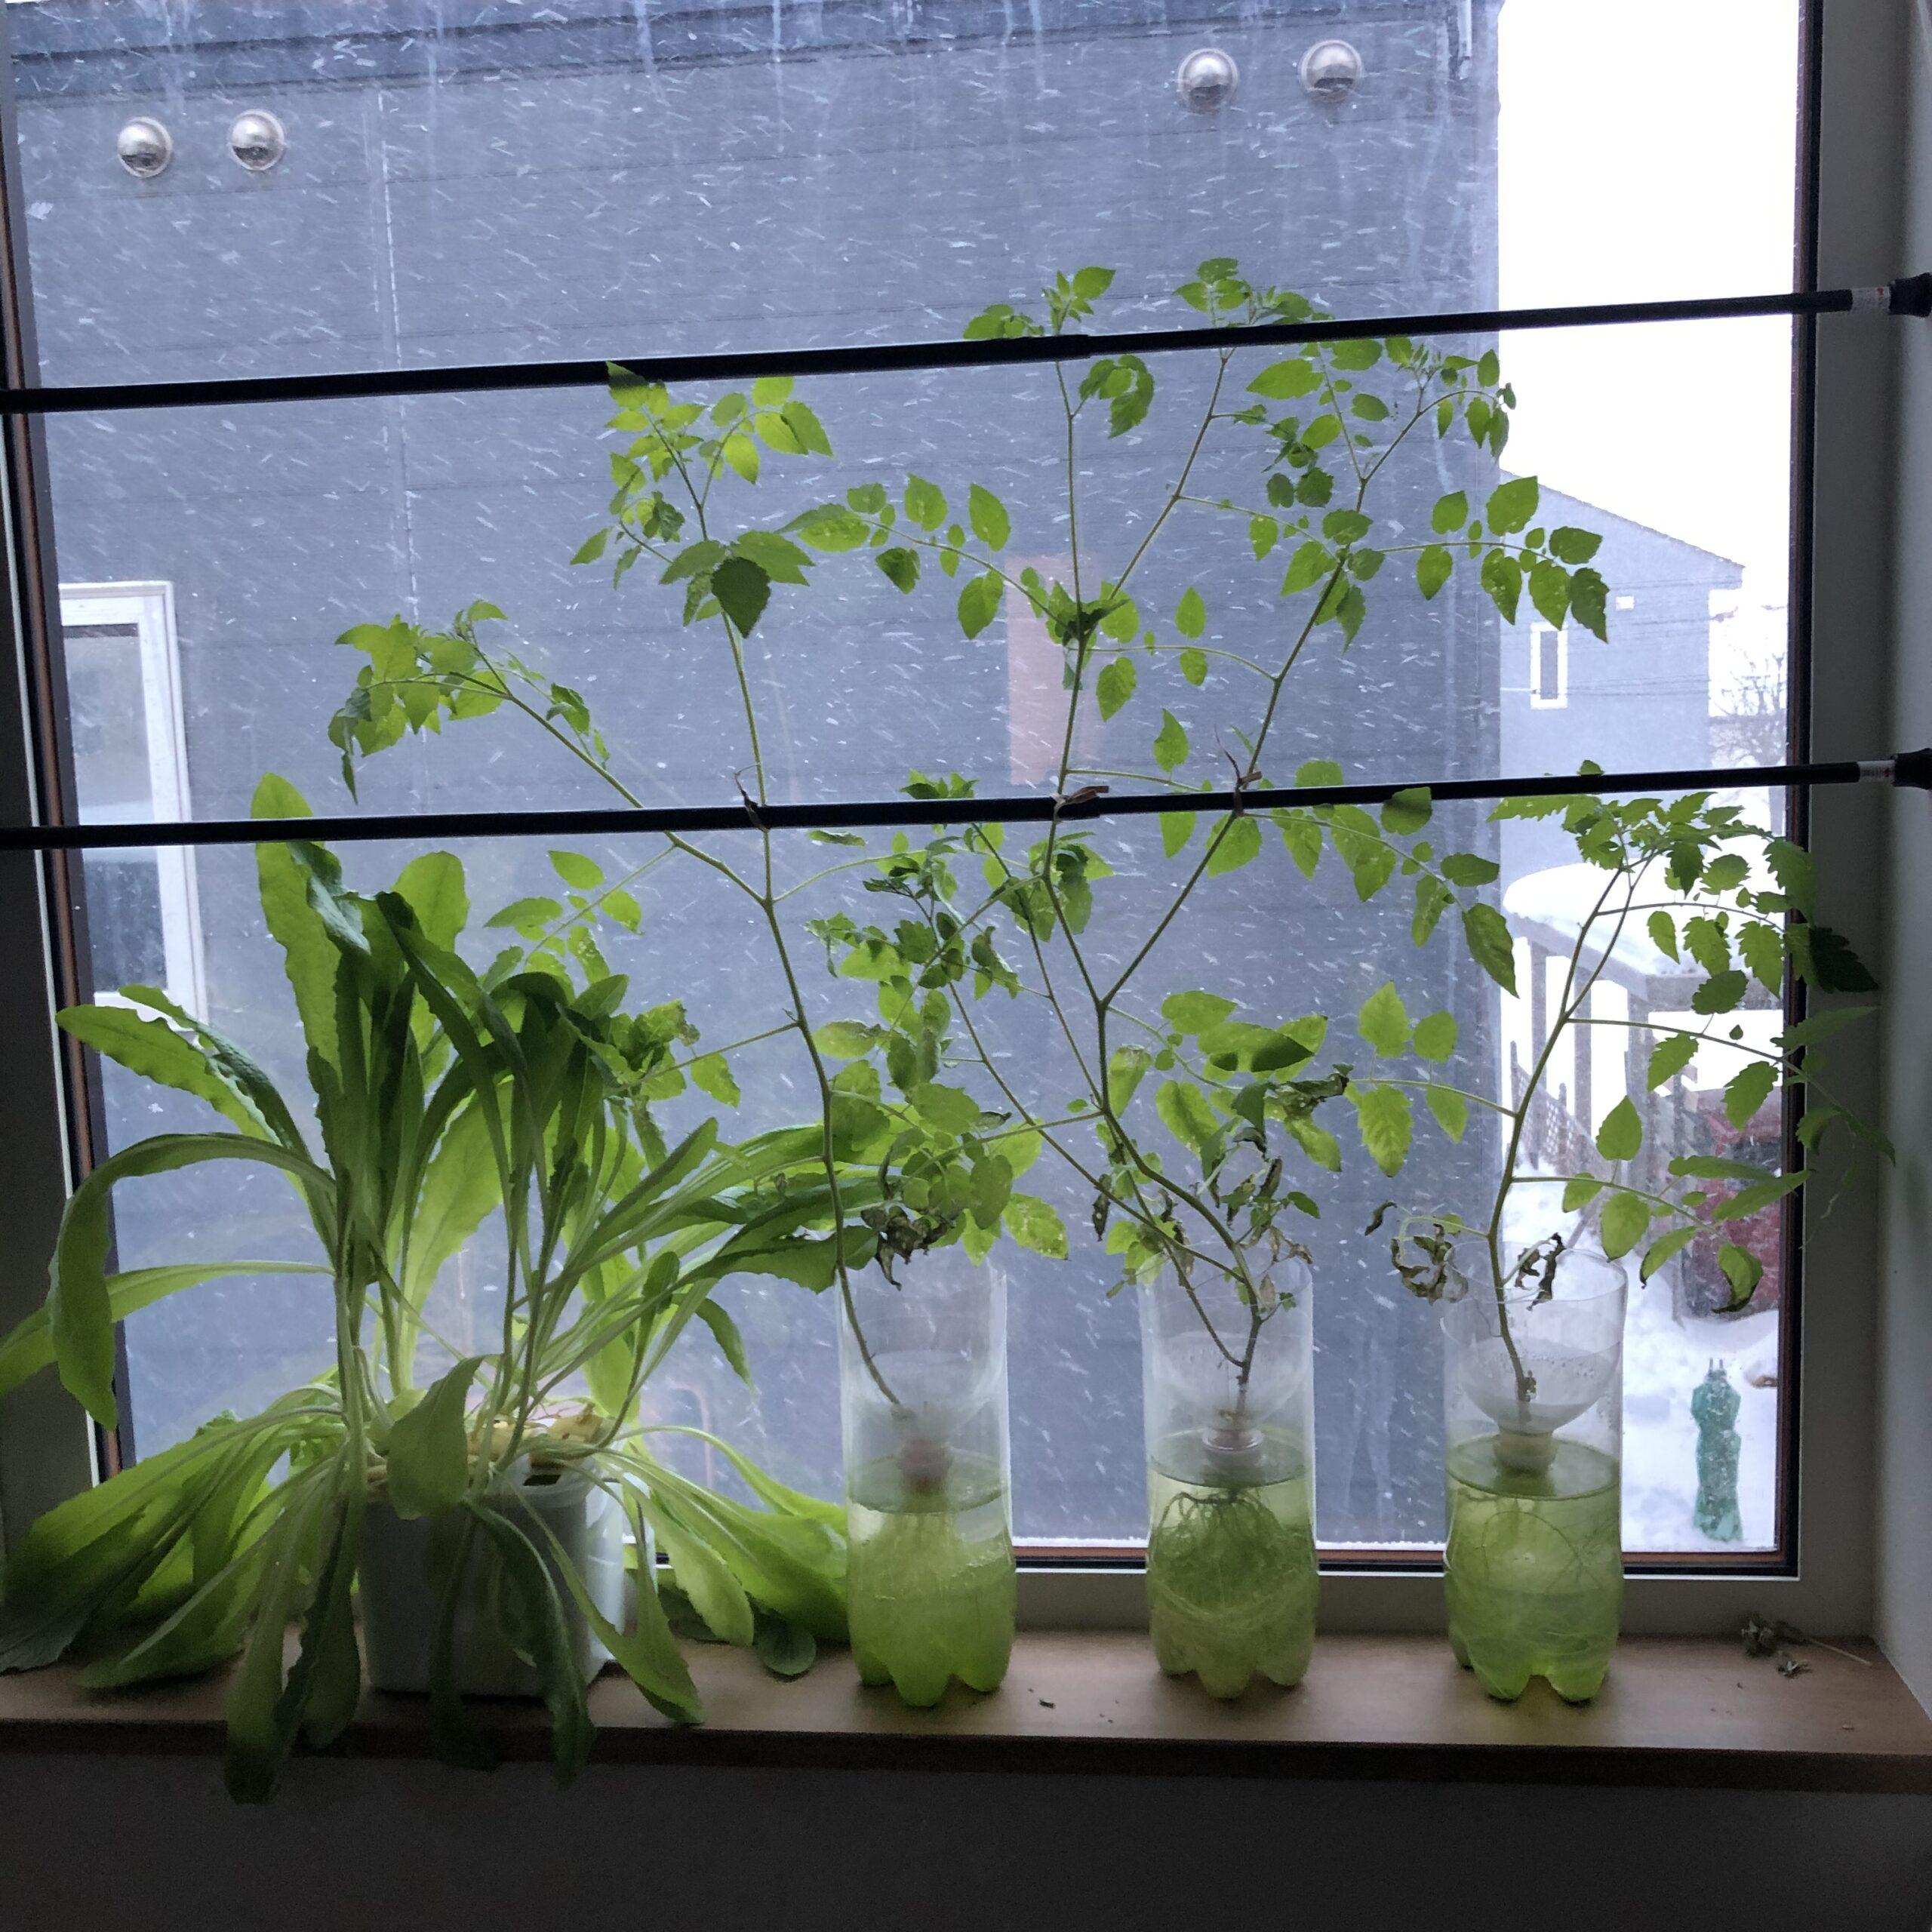 水耕マイクロトマト